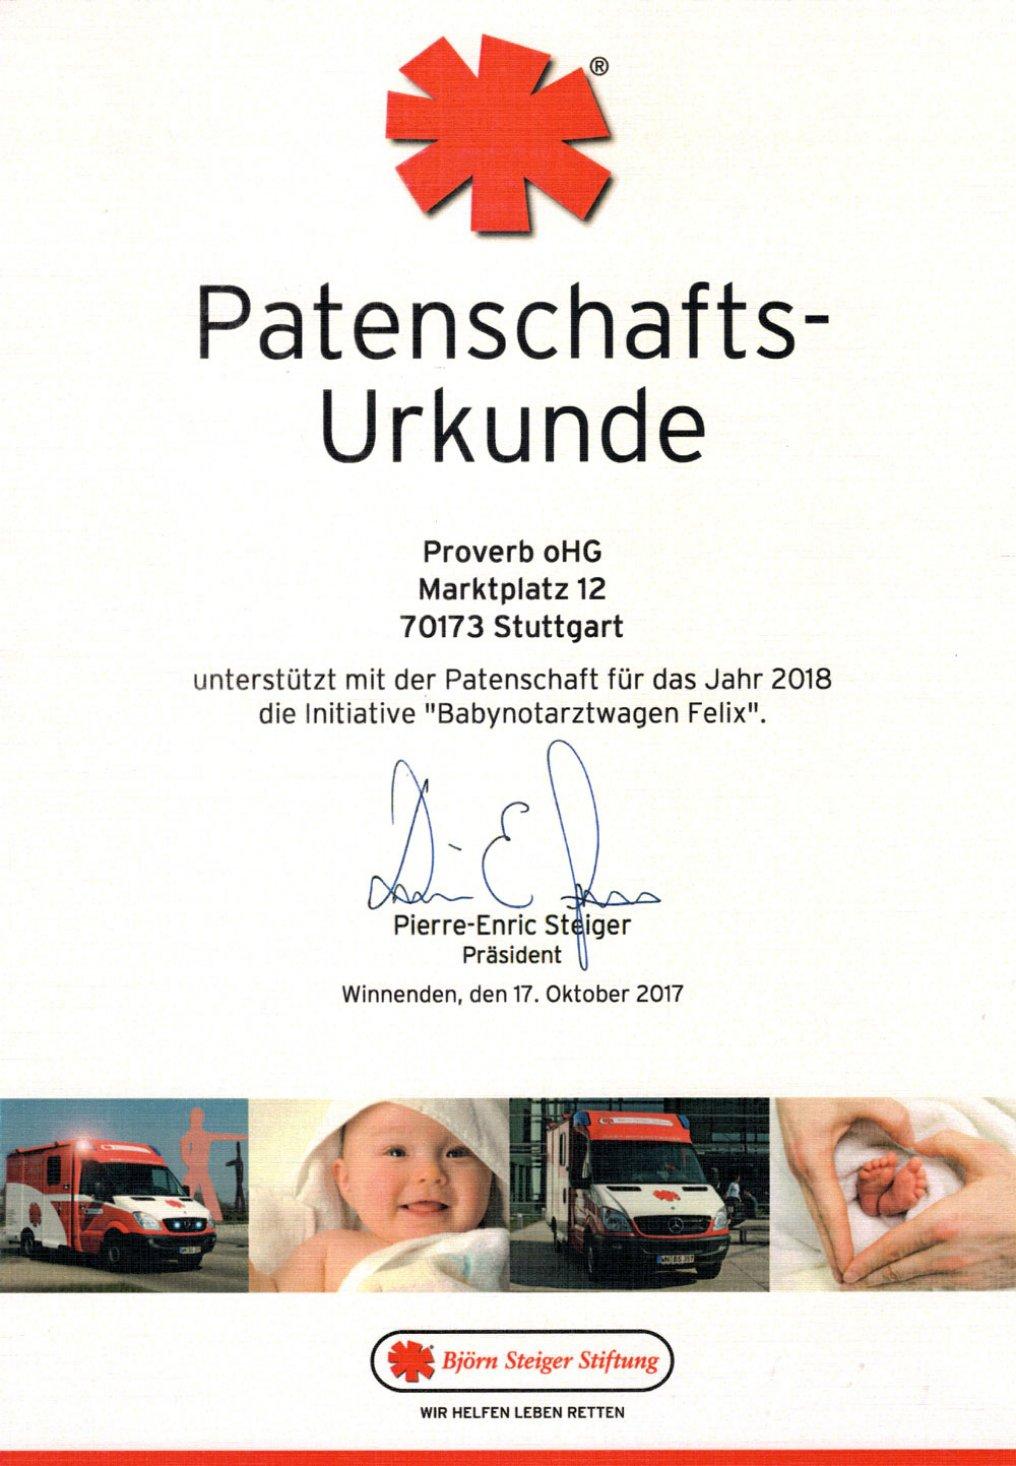 Patenschaft für das Jahr 2018 die Initiative